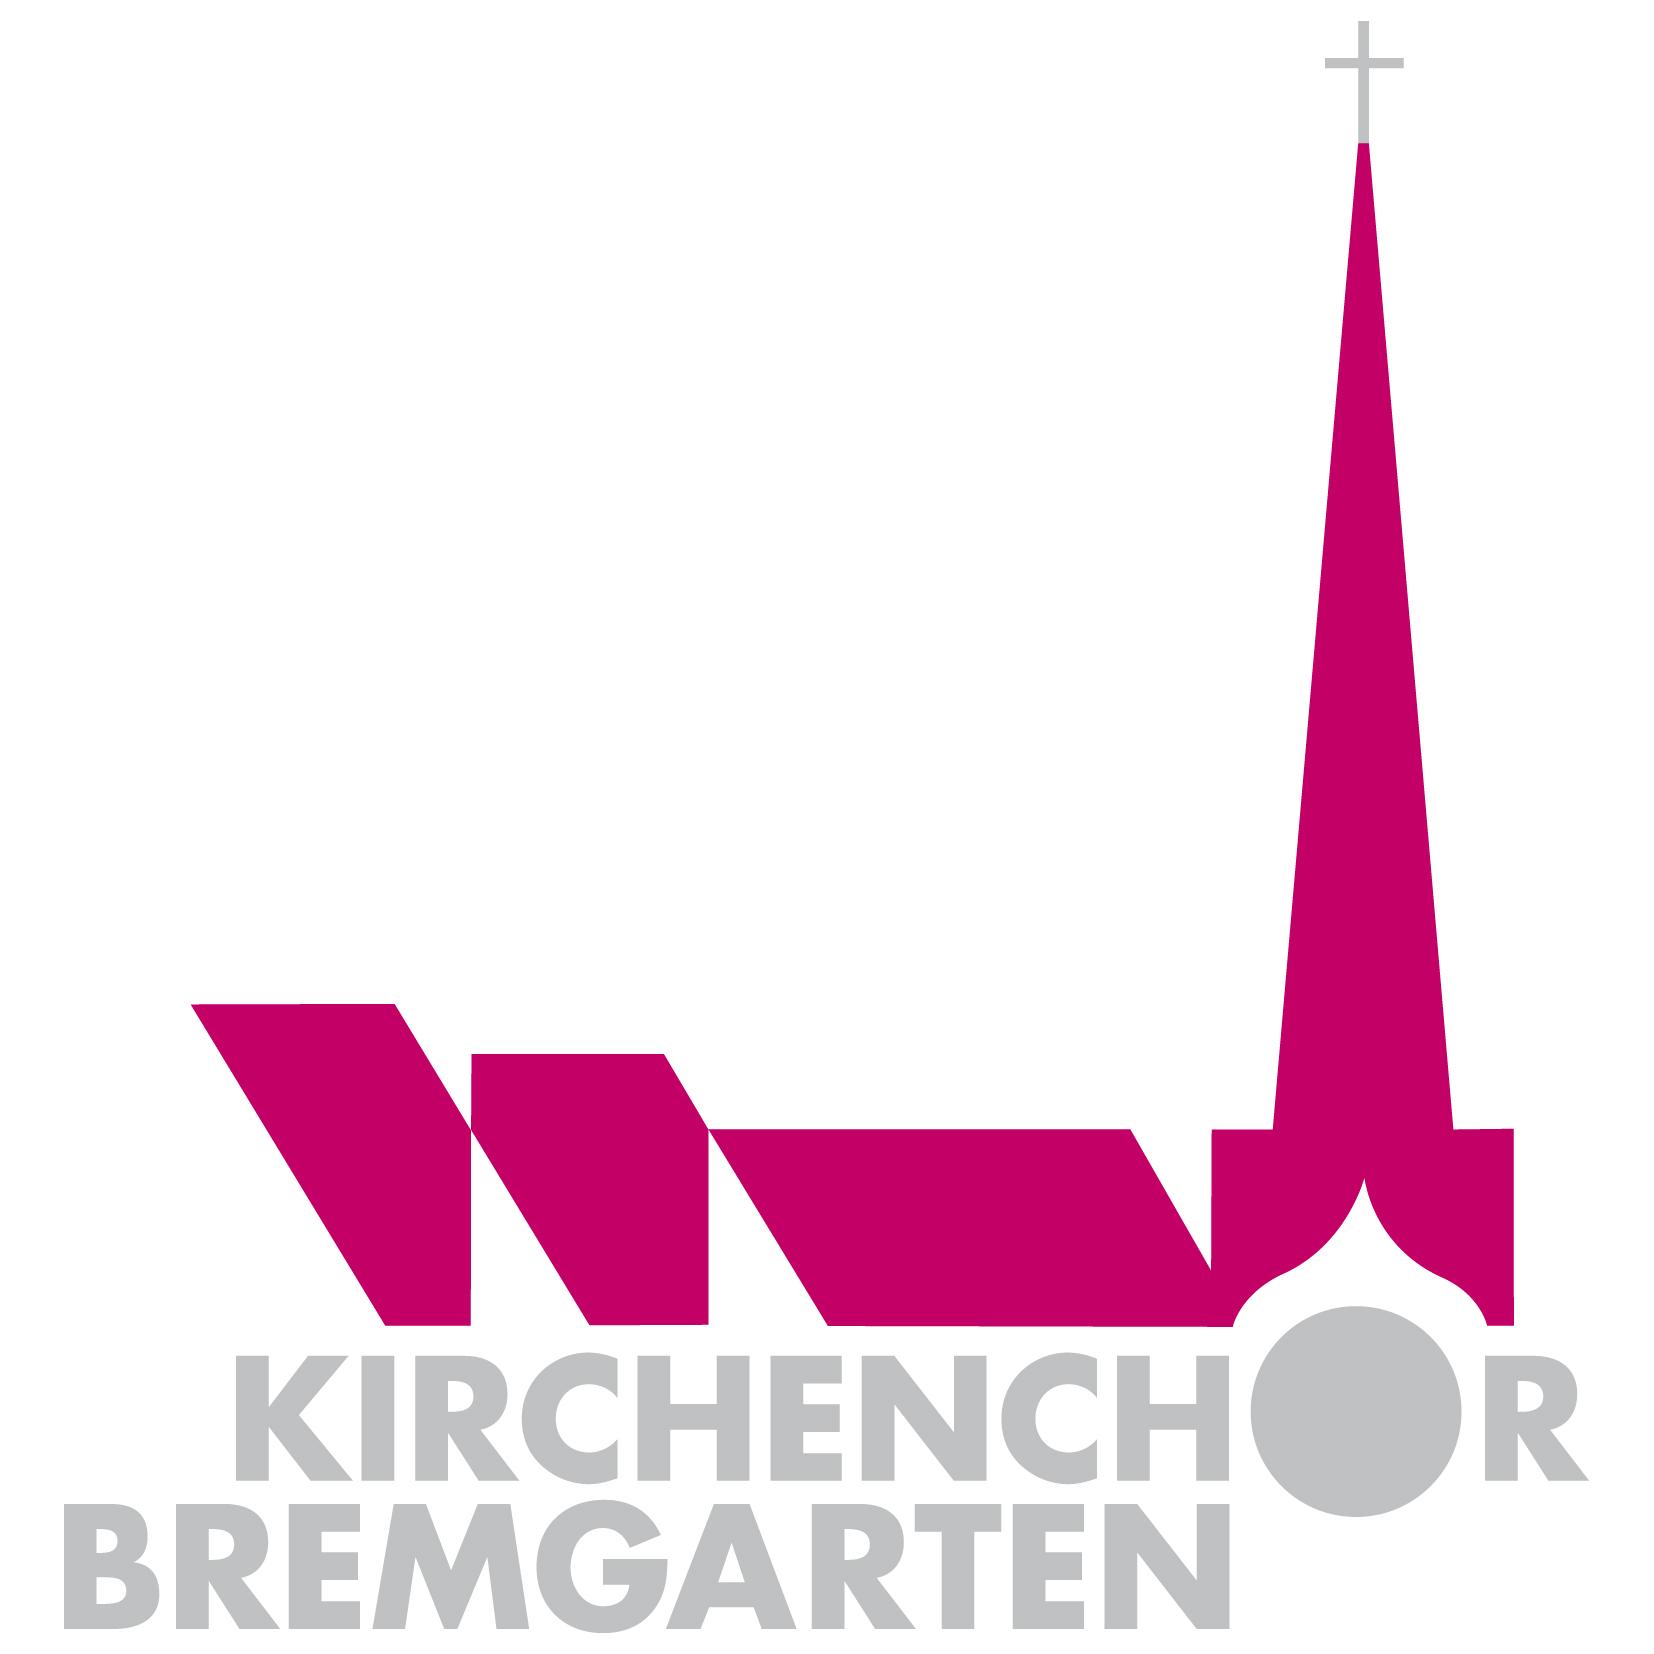 Kirchenchor Bremgarten